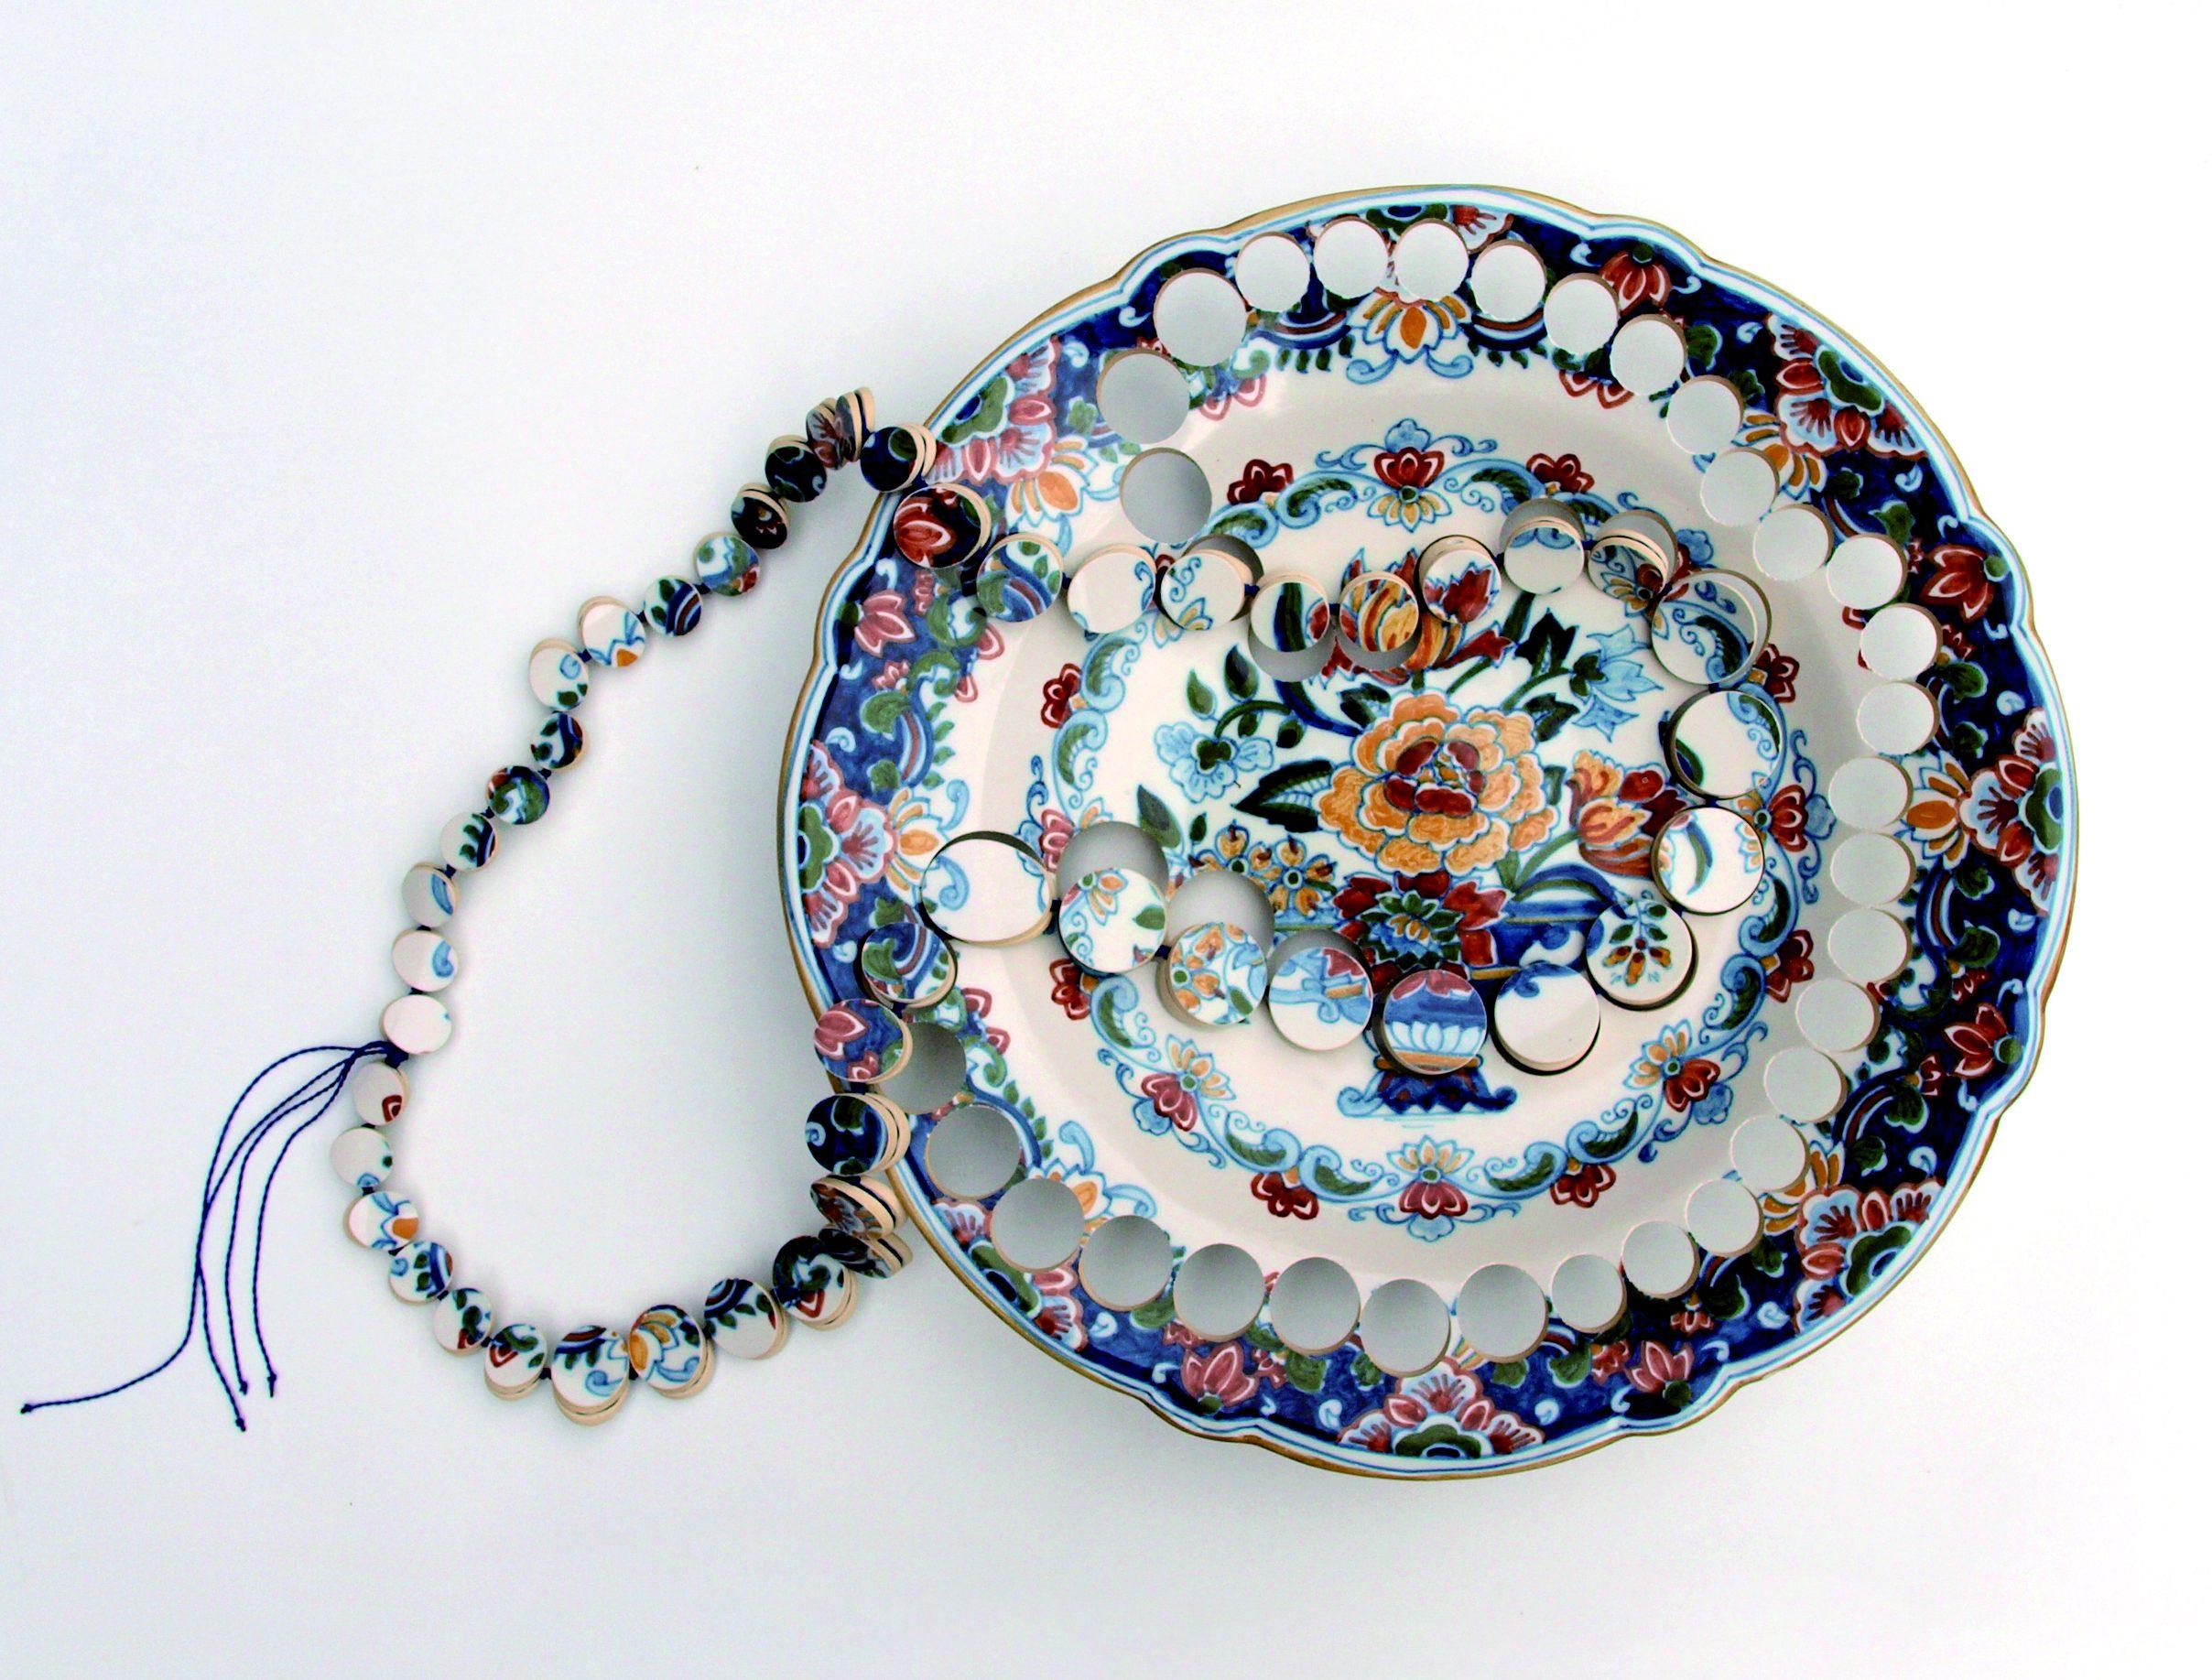 Gésine Hackenberg, halssieraad, keramiek, textiel